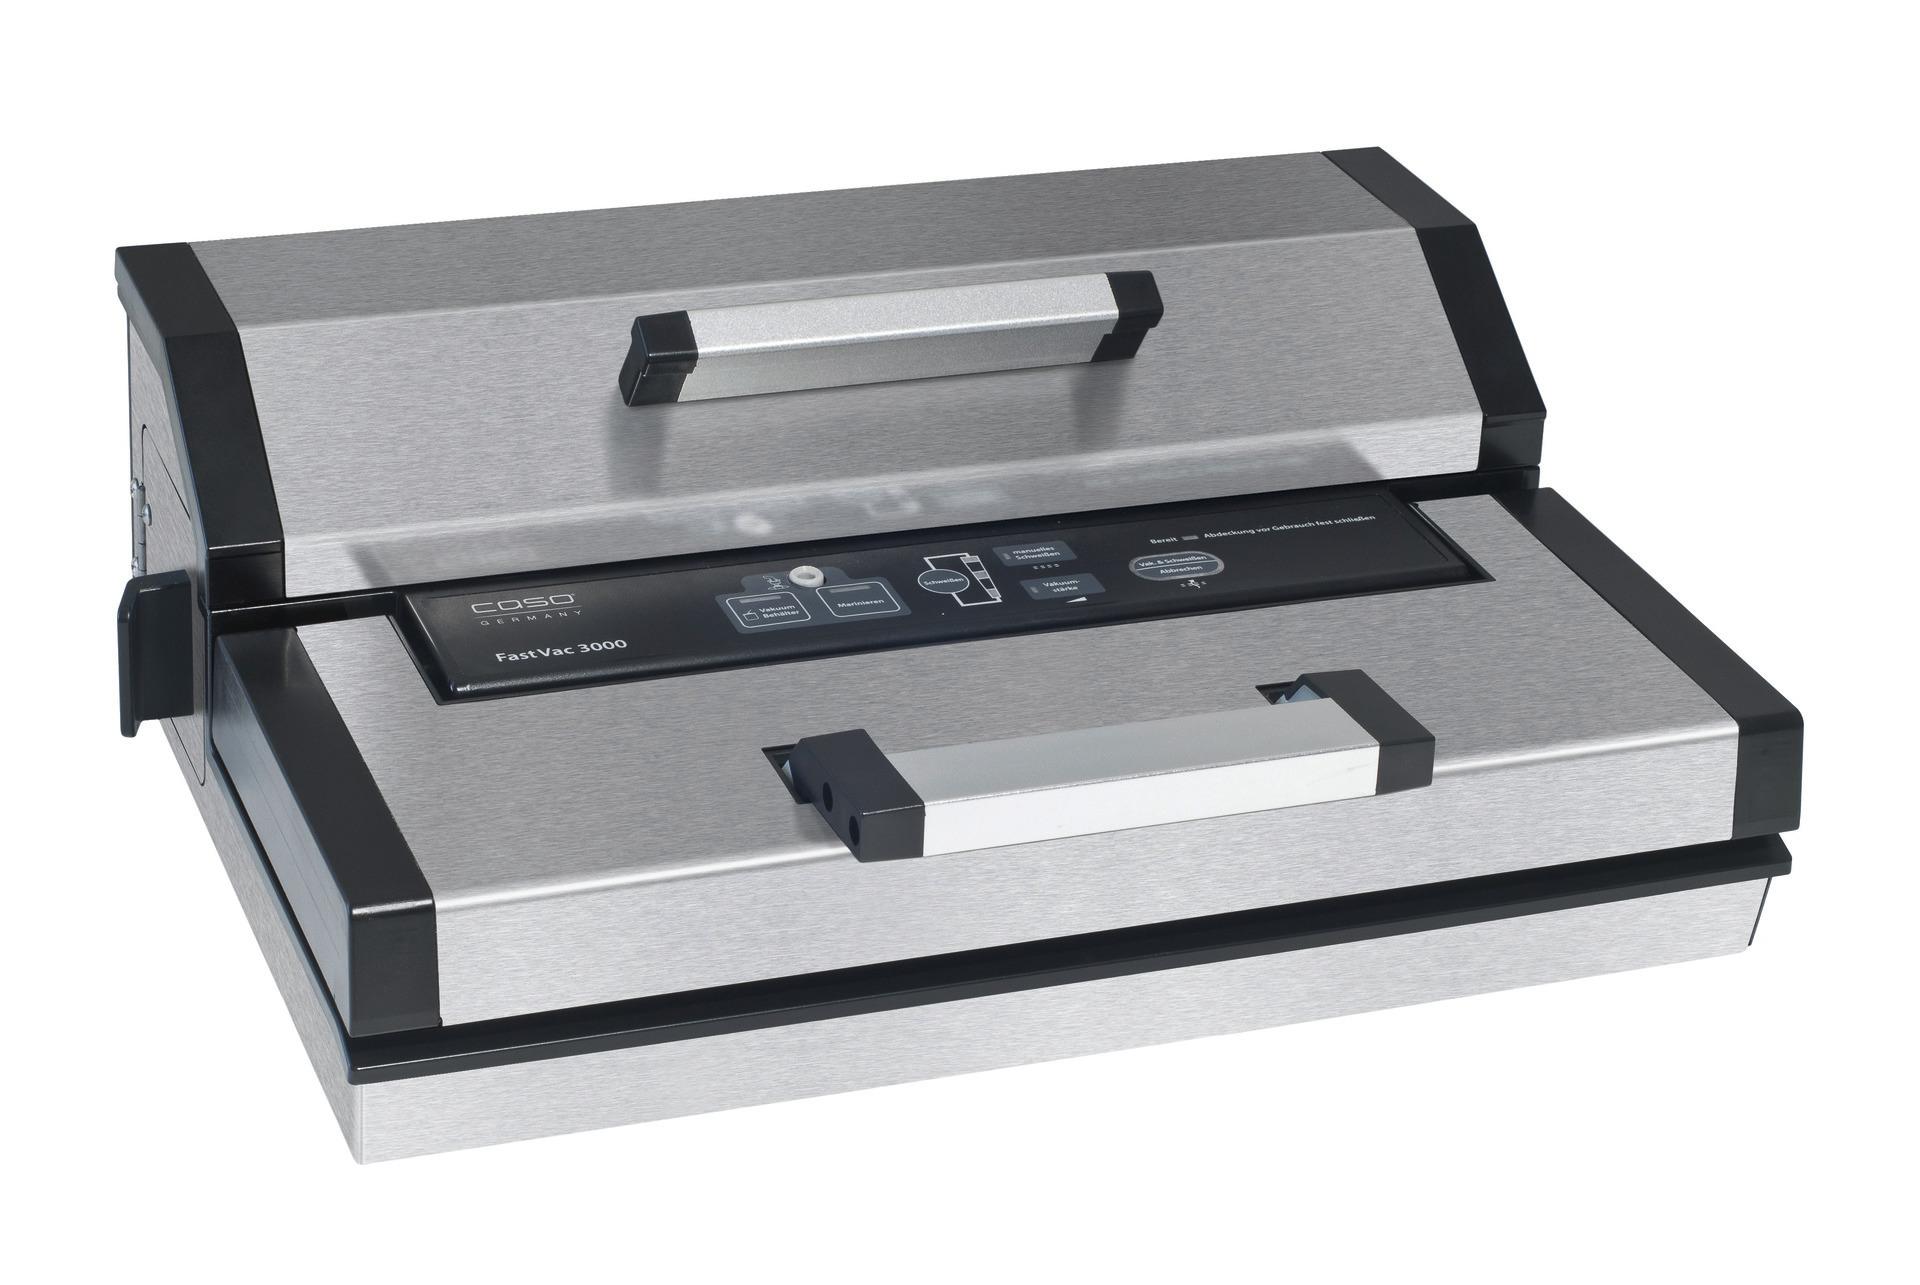 Vakuumiergerät 1,2 m³/h vollautomatisch Schweißbalken 300 mm, 430 x 310 x 160 mm